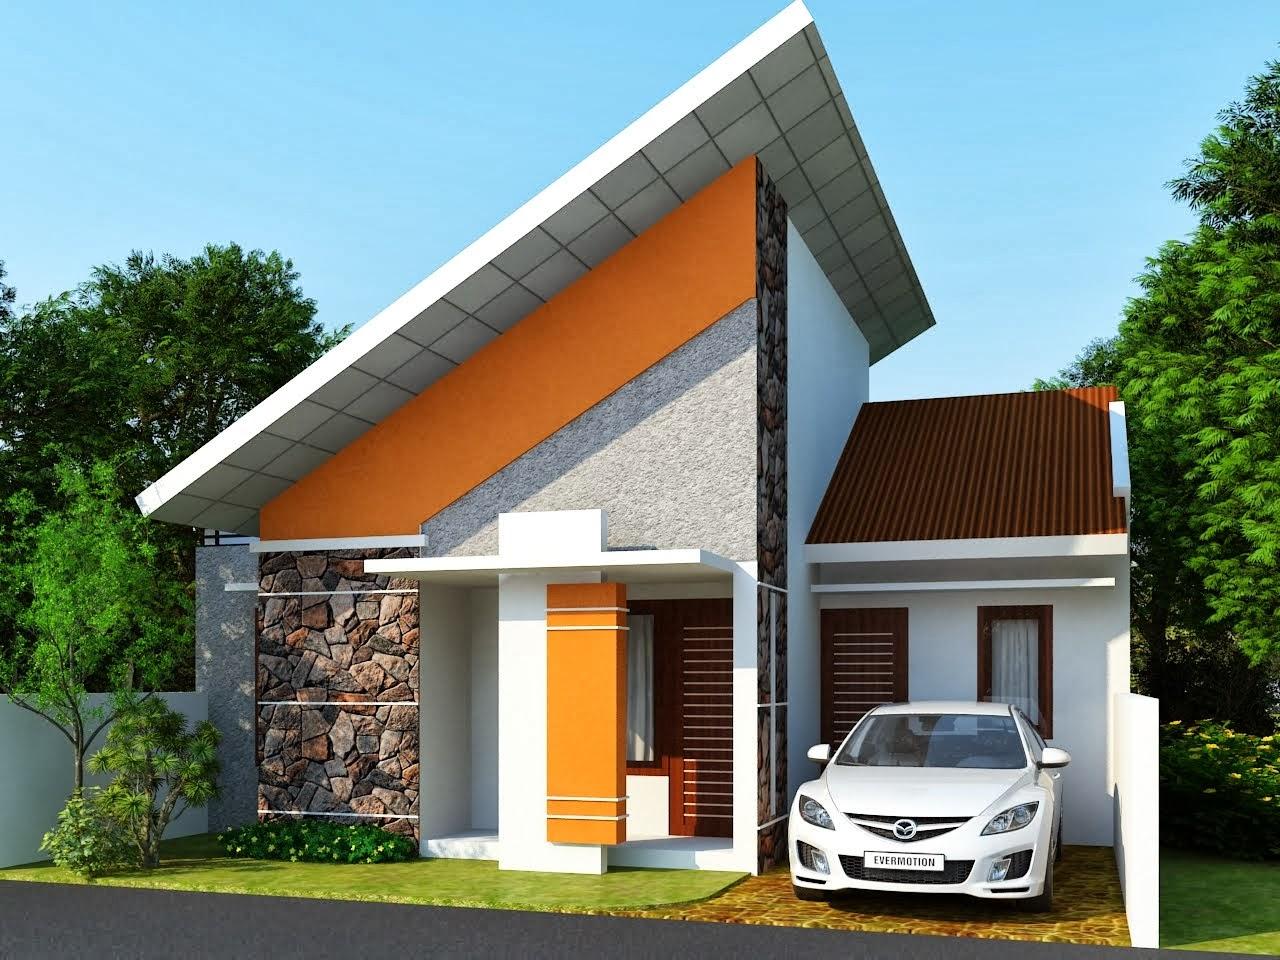 Desain Rumah Mungil Sederhana | Desain Denah Rumah Minimalis